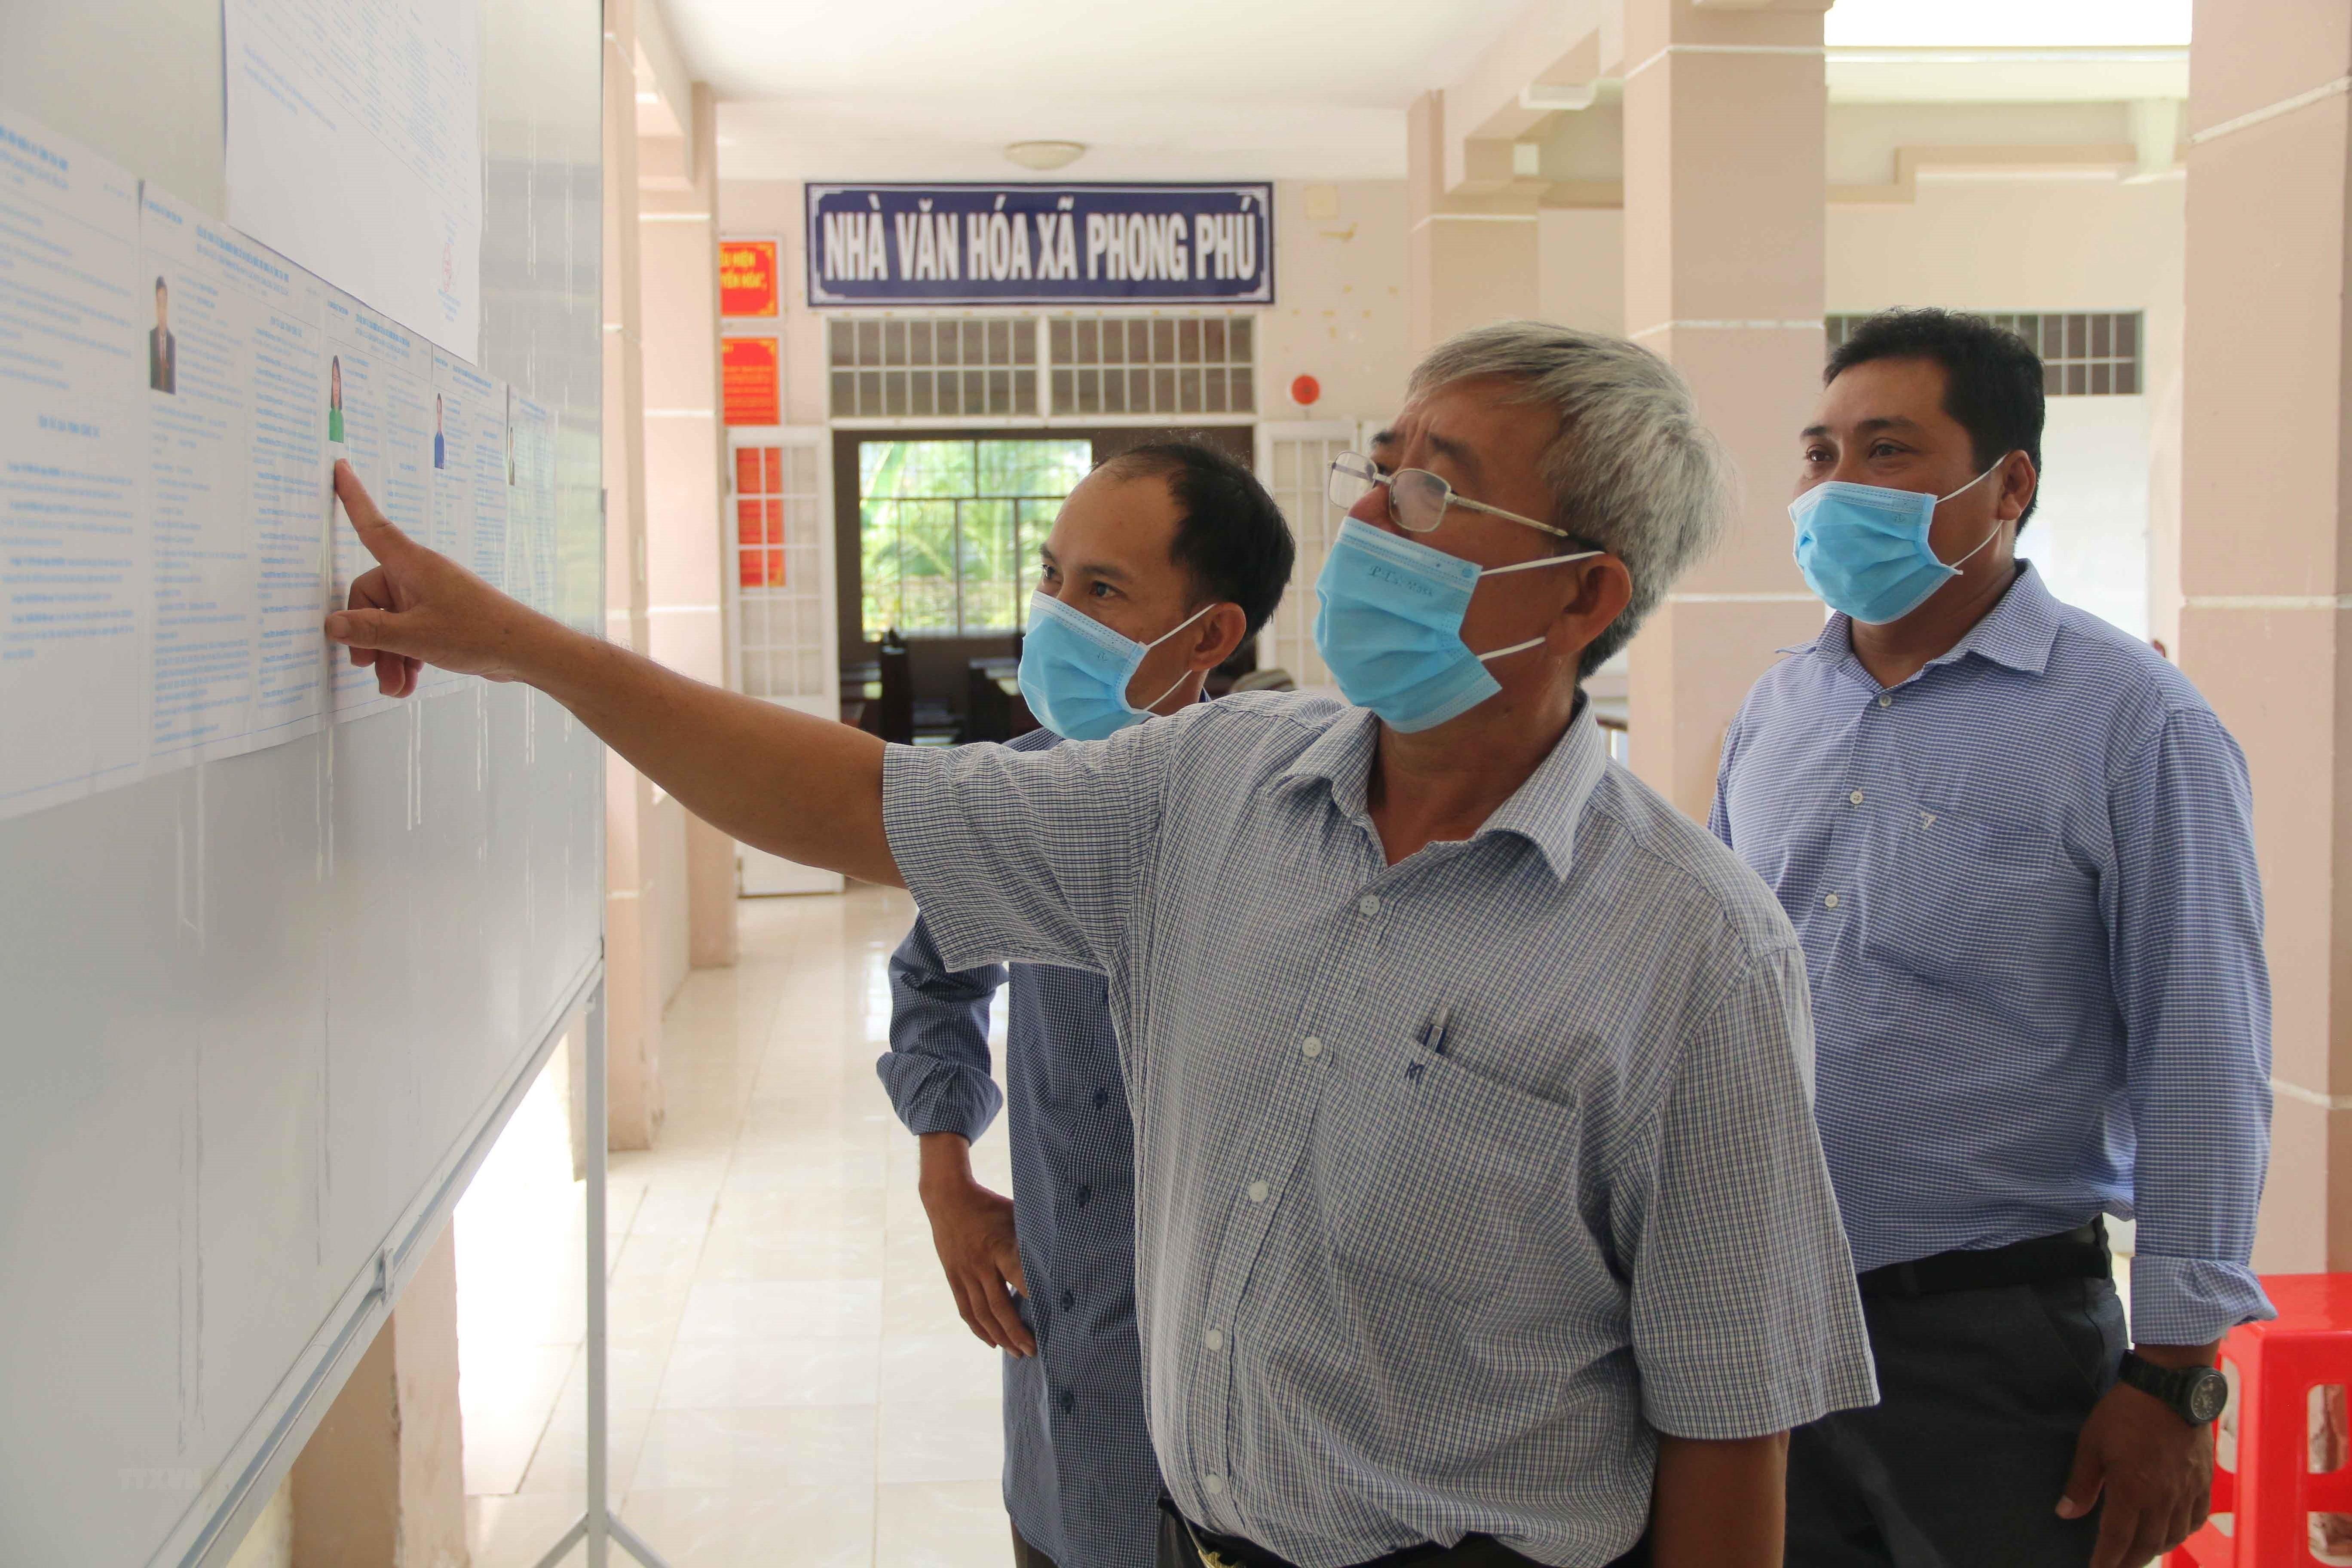 Bau cu QH va HDND: Tuyen truyen sau rong trong dong bao Khmer hinh anh 1